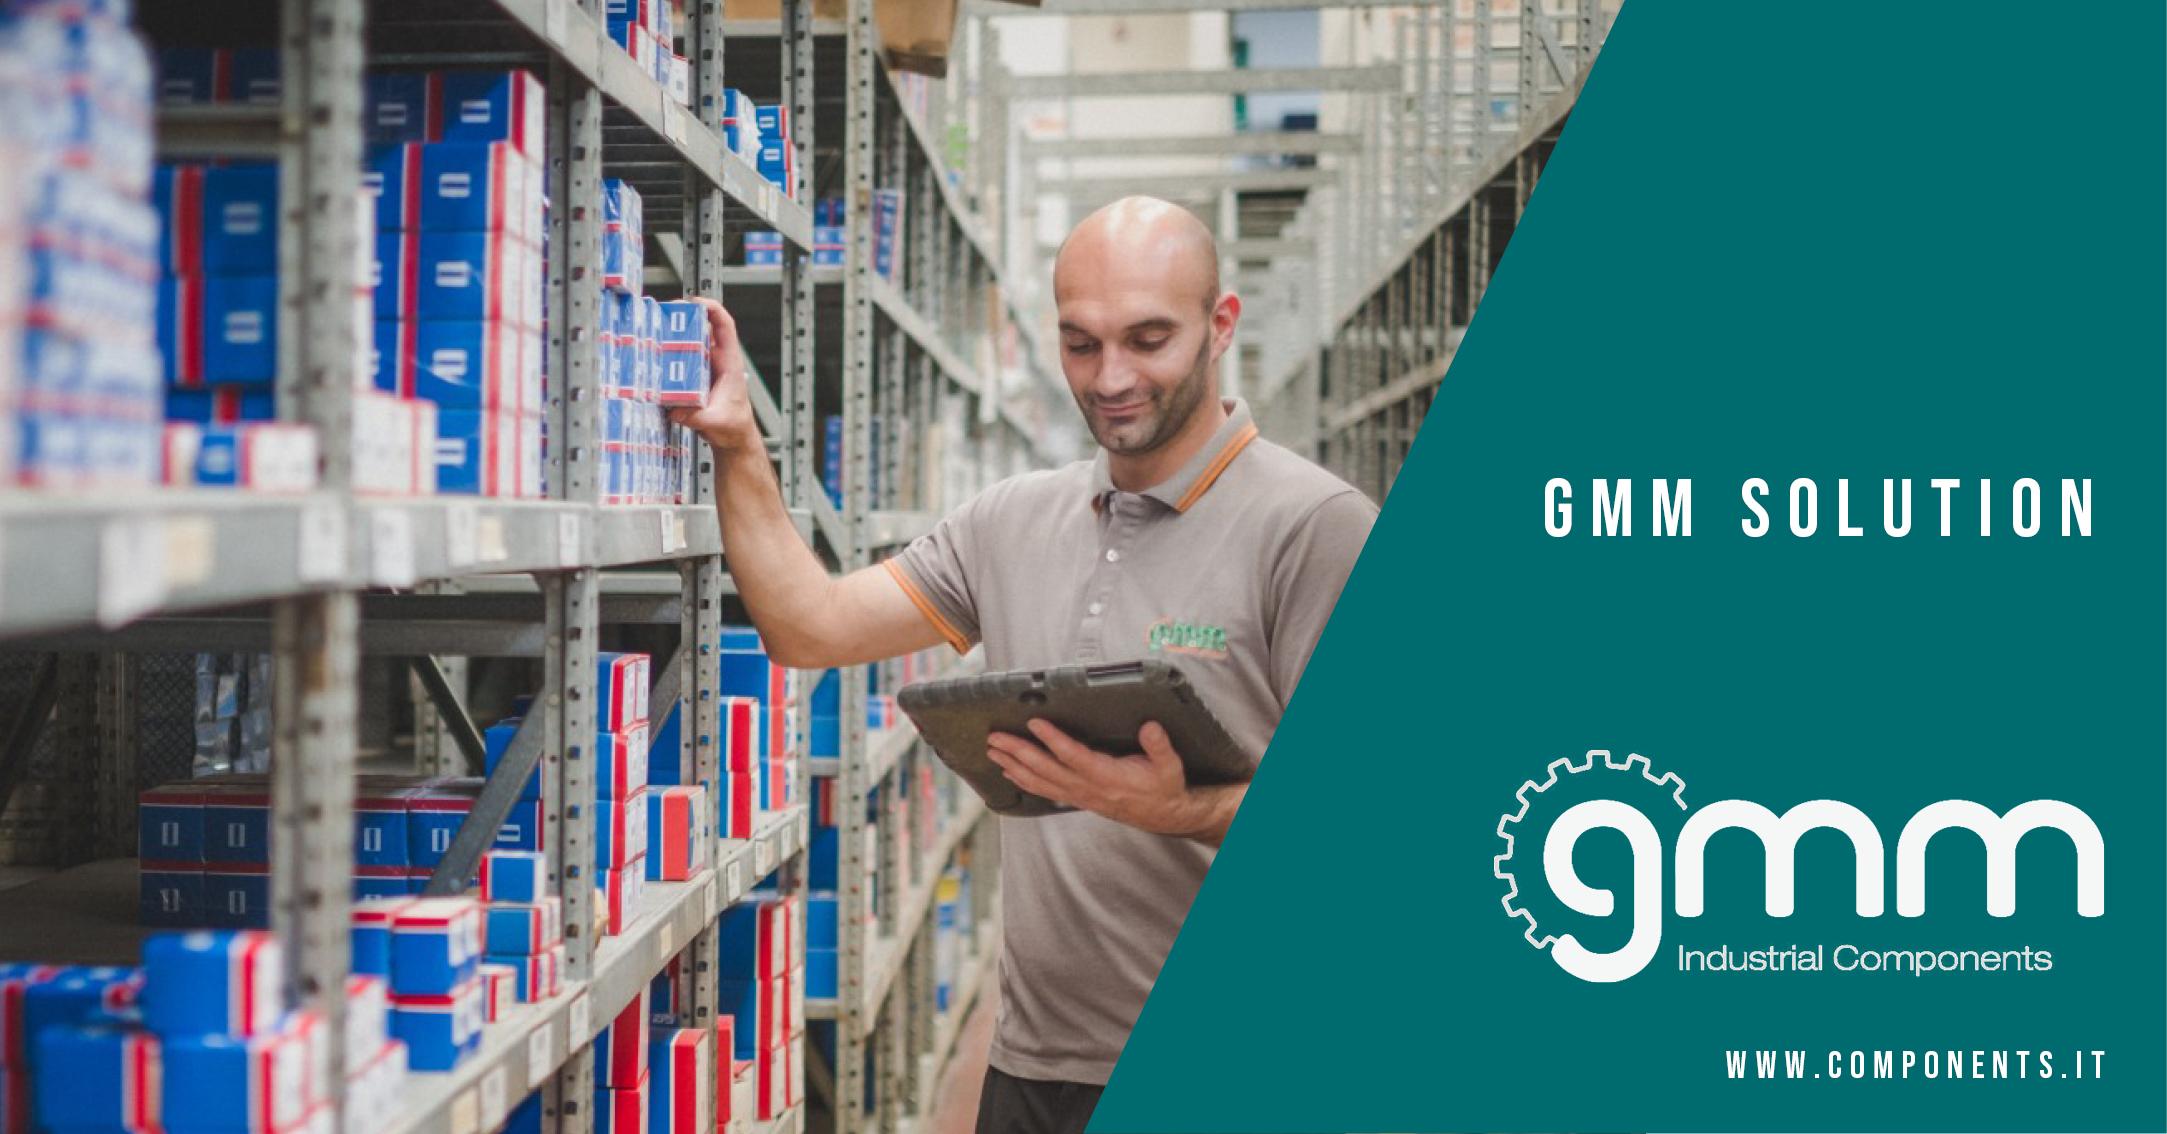 Gmm Group Partner Strategico Per Il Risparmio Di Capitali In Ambito Supply-Chain